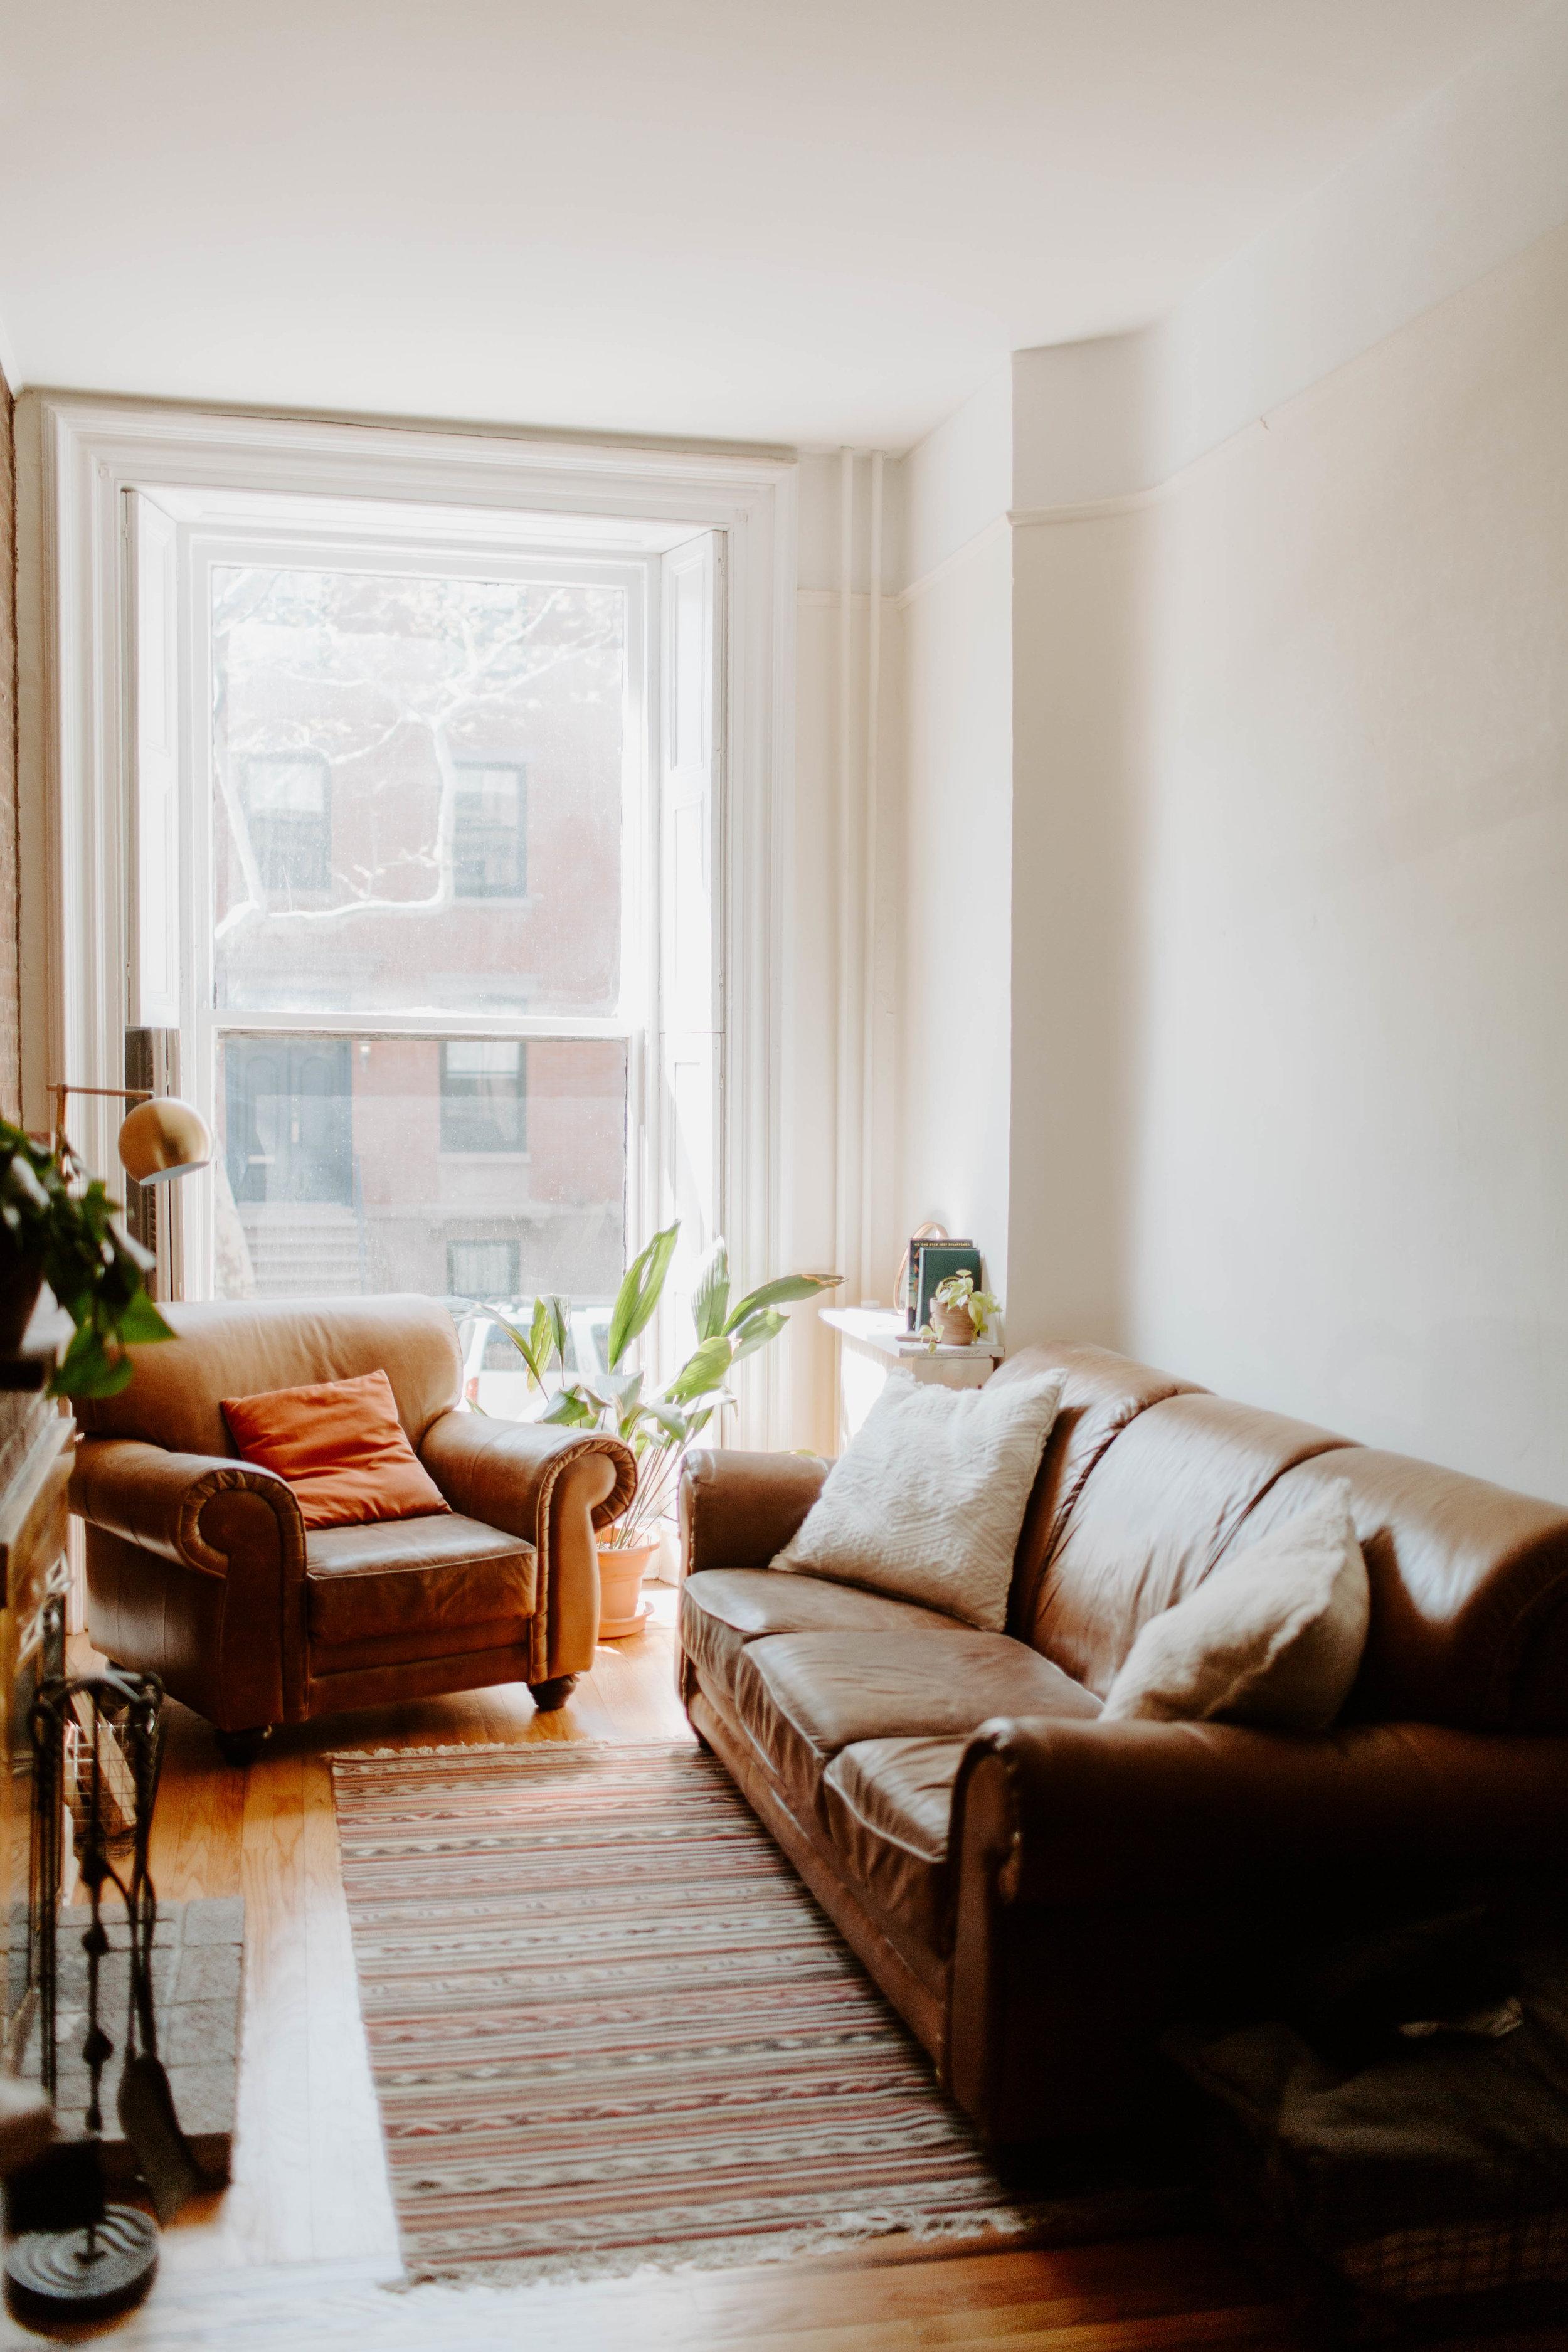 Cobble_Hill_Brooklyn_Apartment_Tour37.jpg